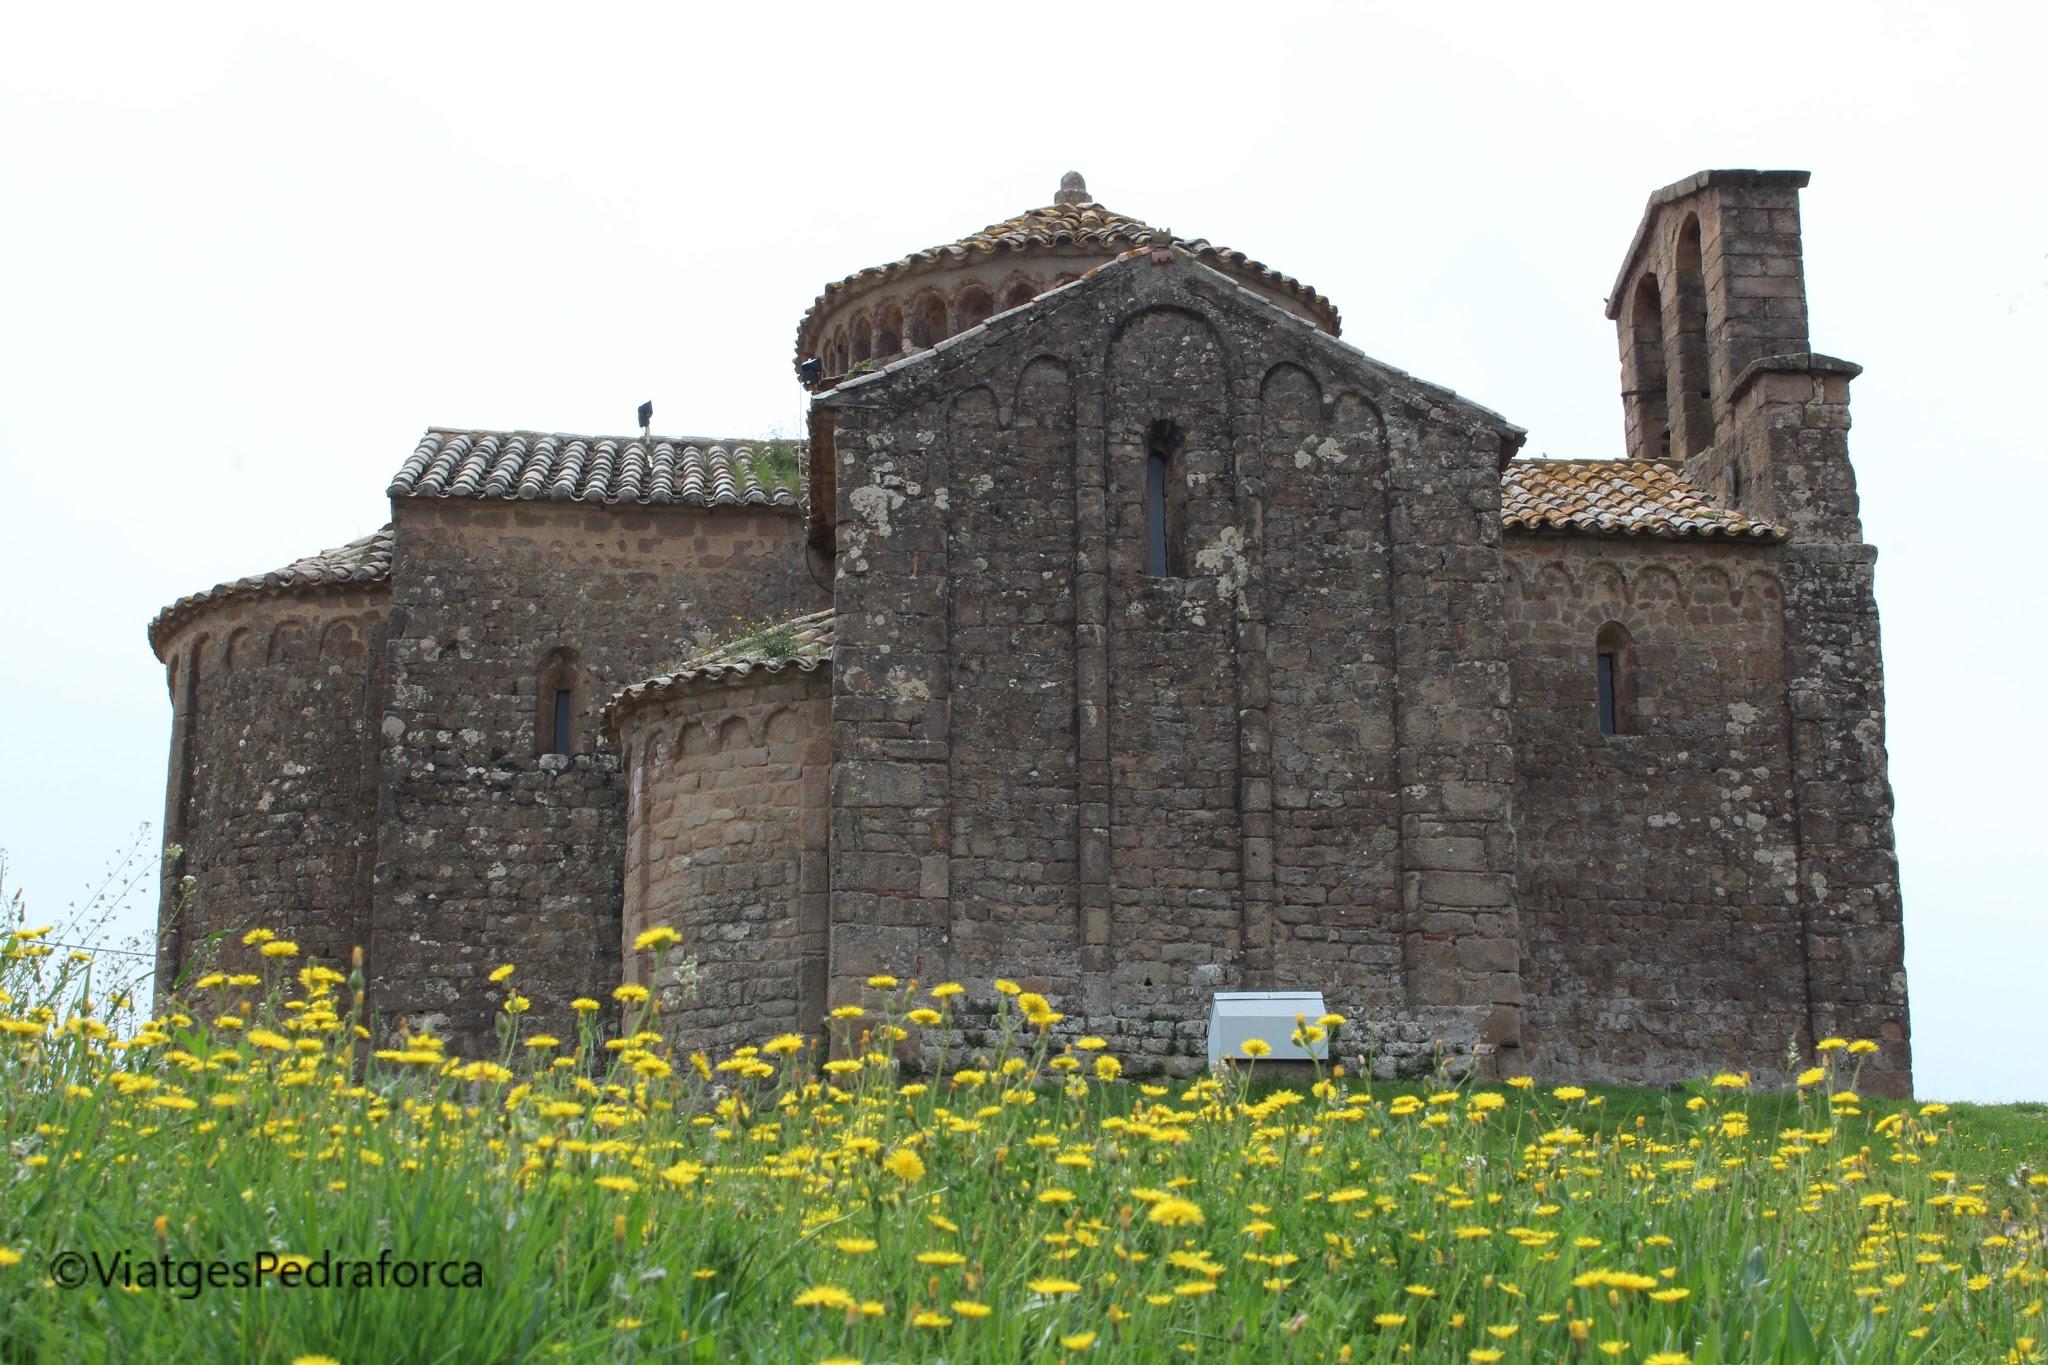 Ruta medieval pel Bages, art romànic, Catalunya, Navàs